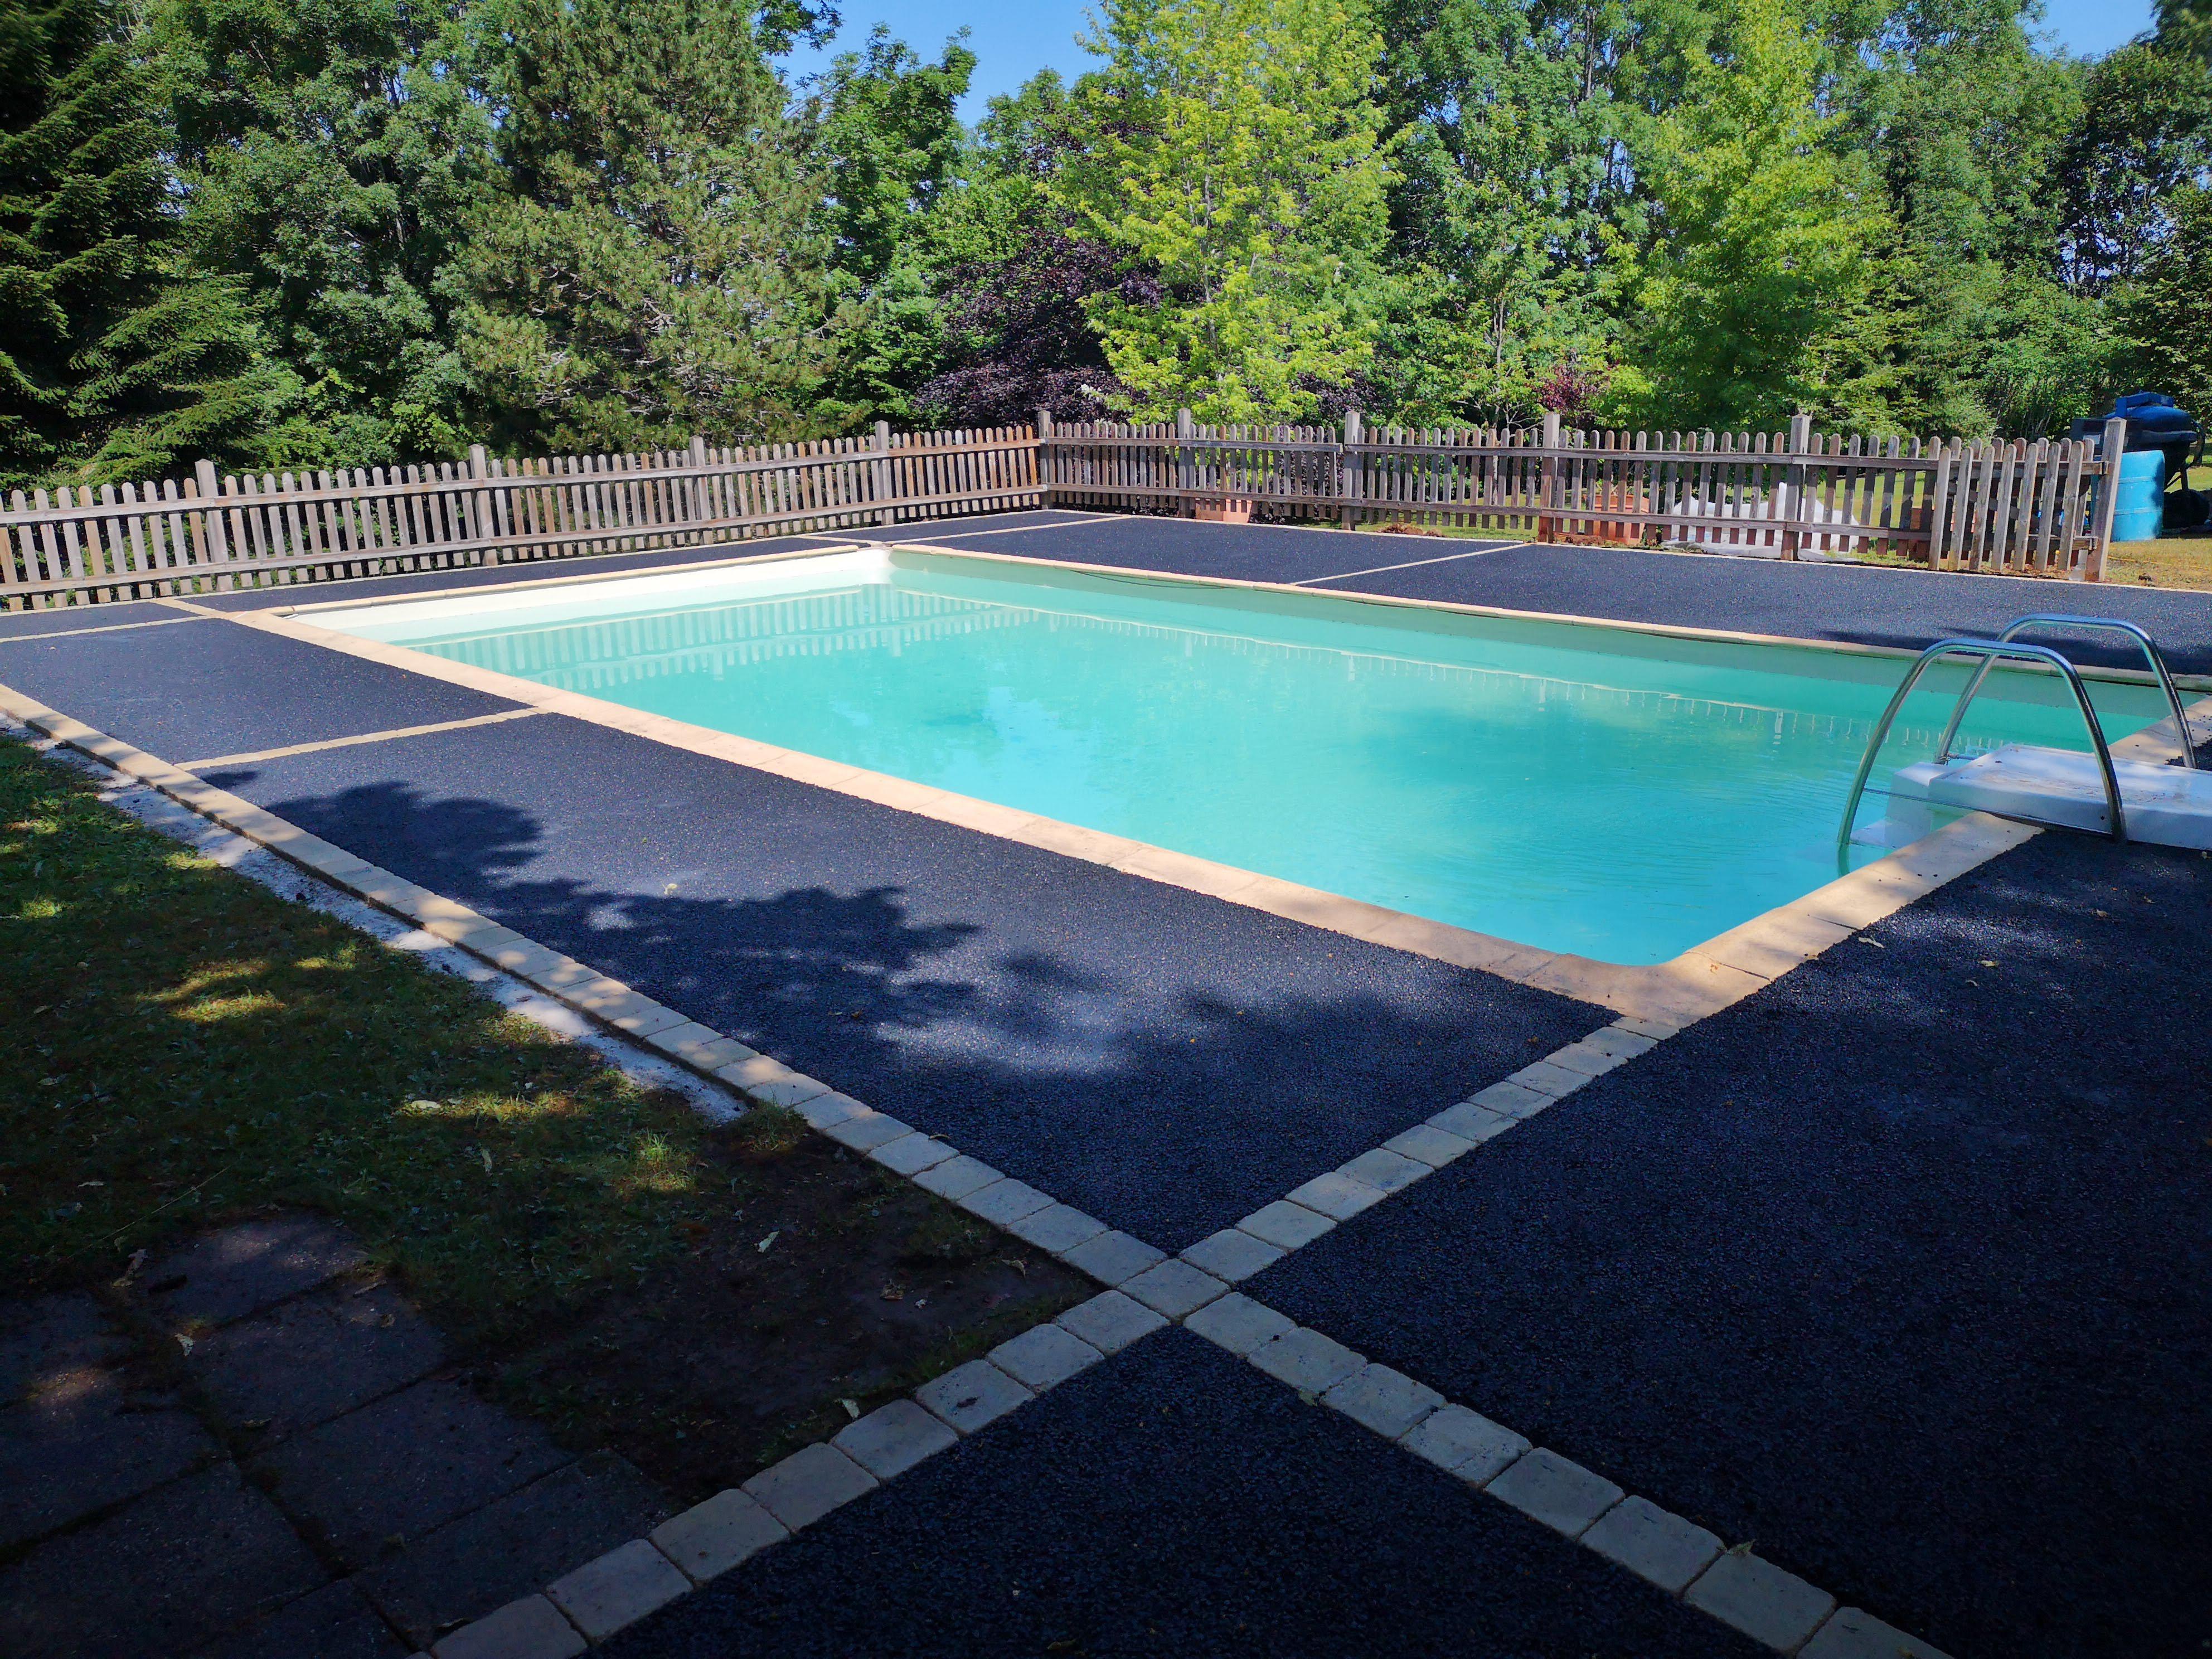 Plages piscine en béton drainant